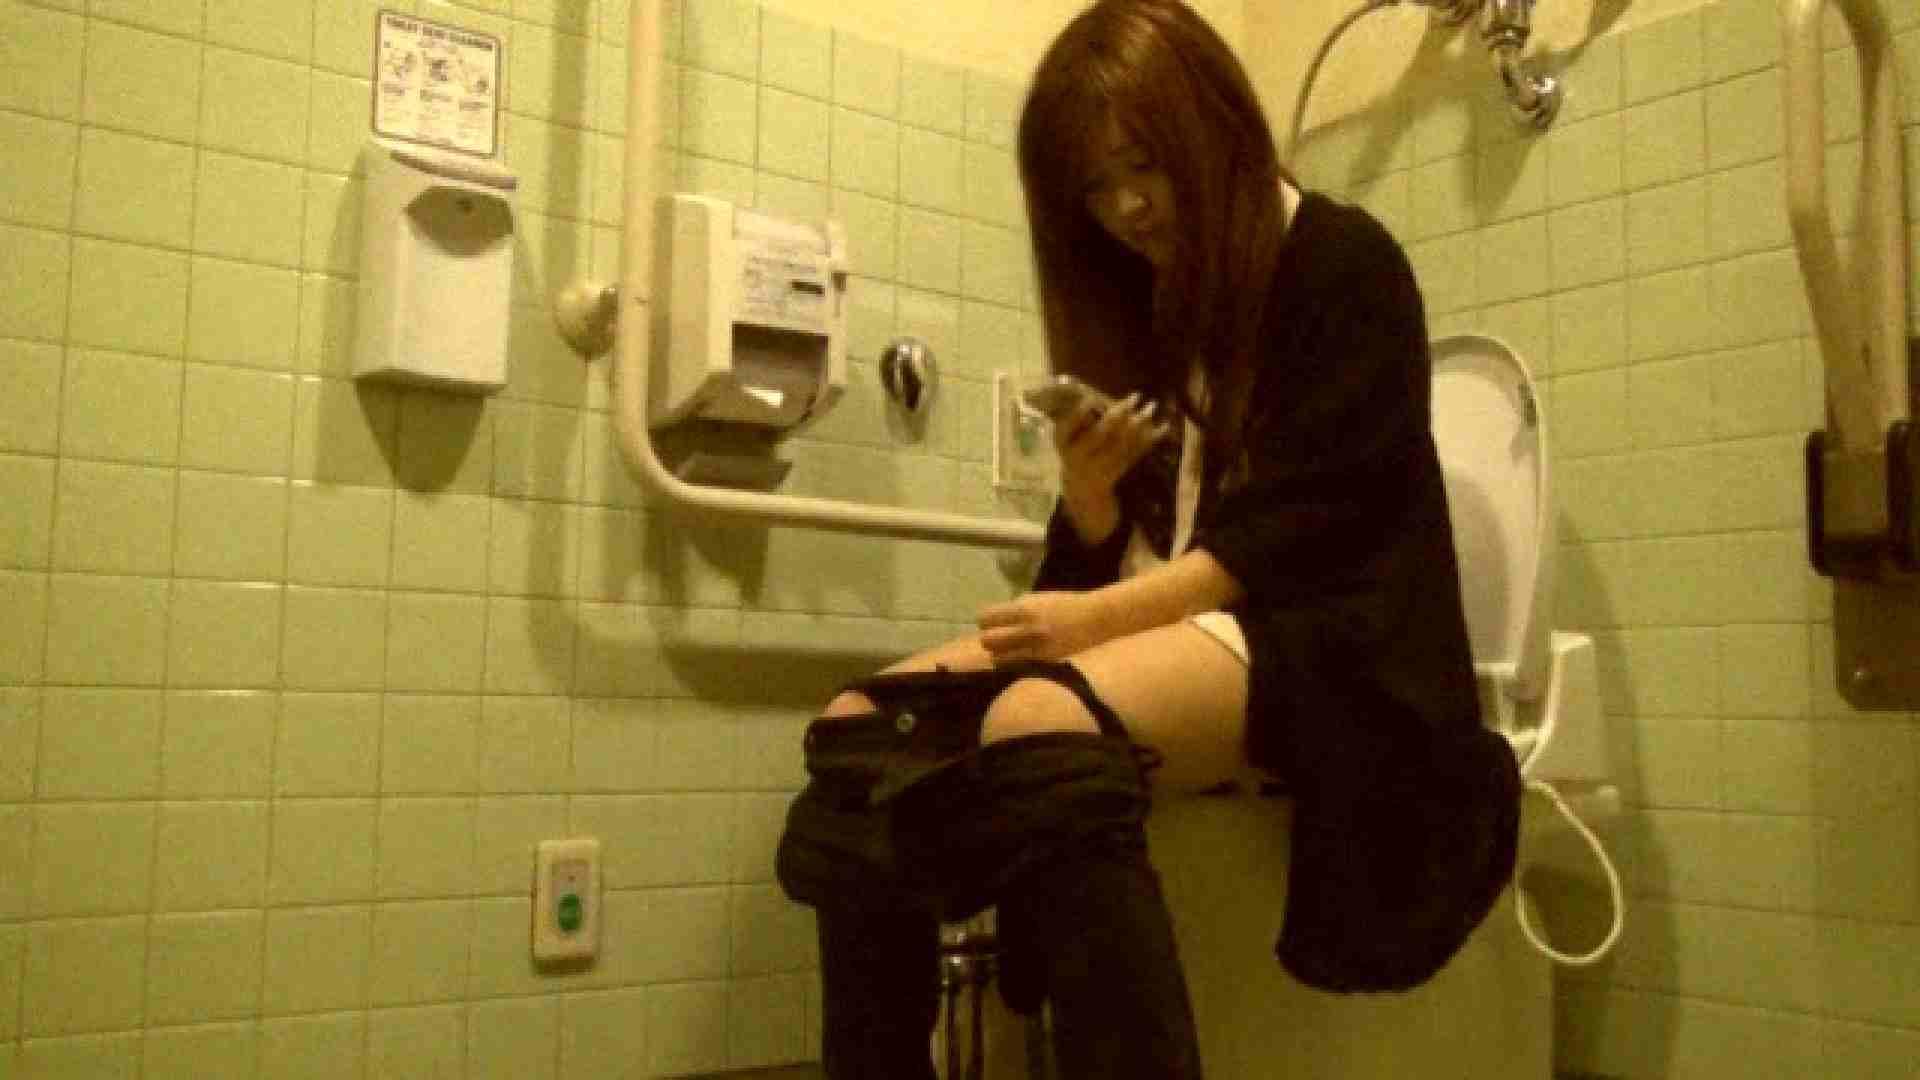 魔術師の お・も・て・な・し vol.26 19歳のバーの店員さんの洗面所をしばし… 洗面所  60枚 33